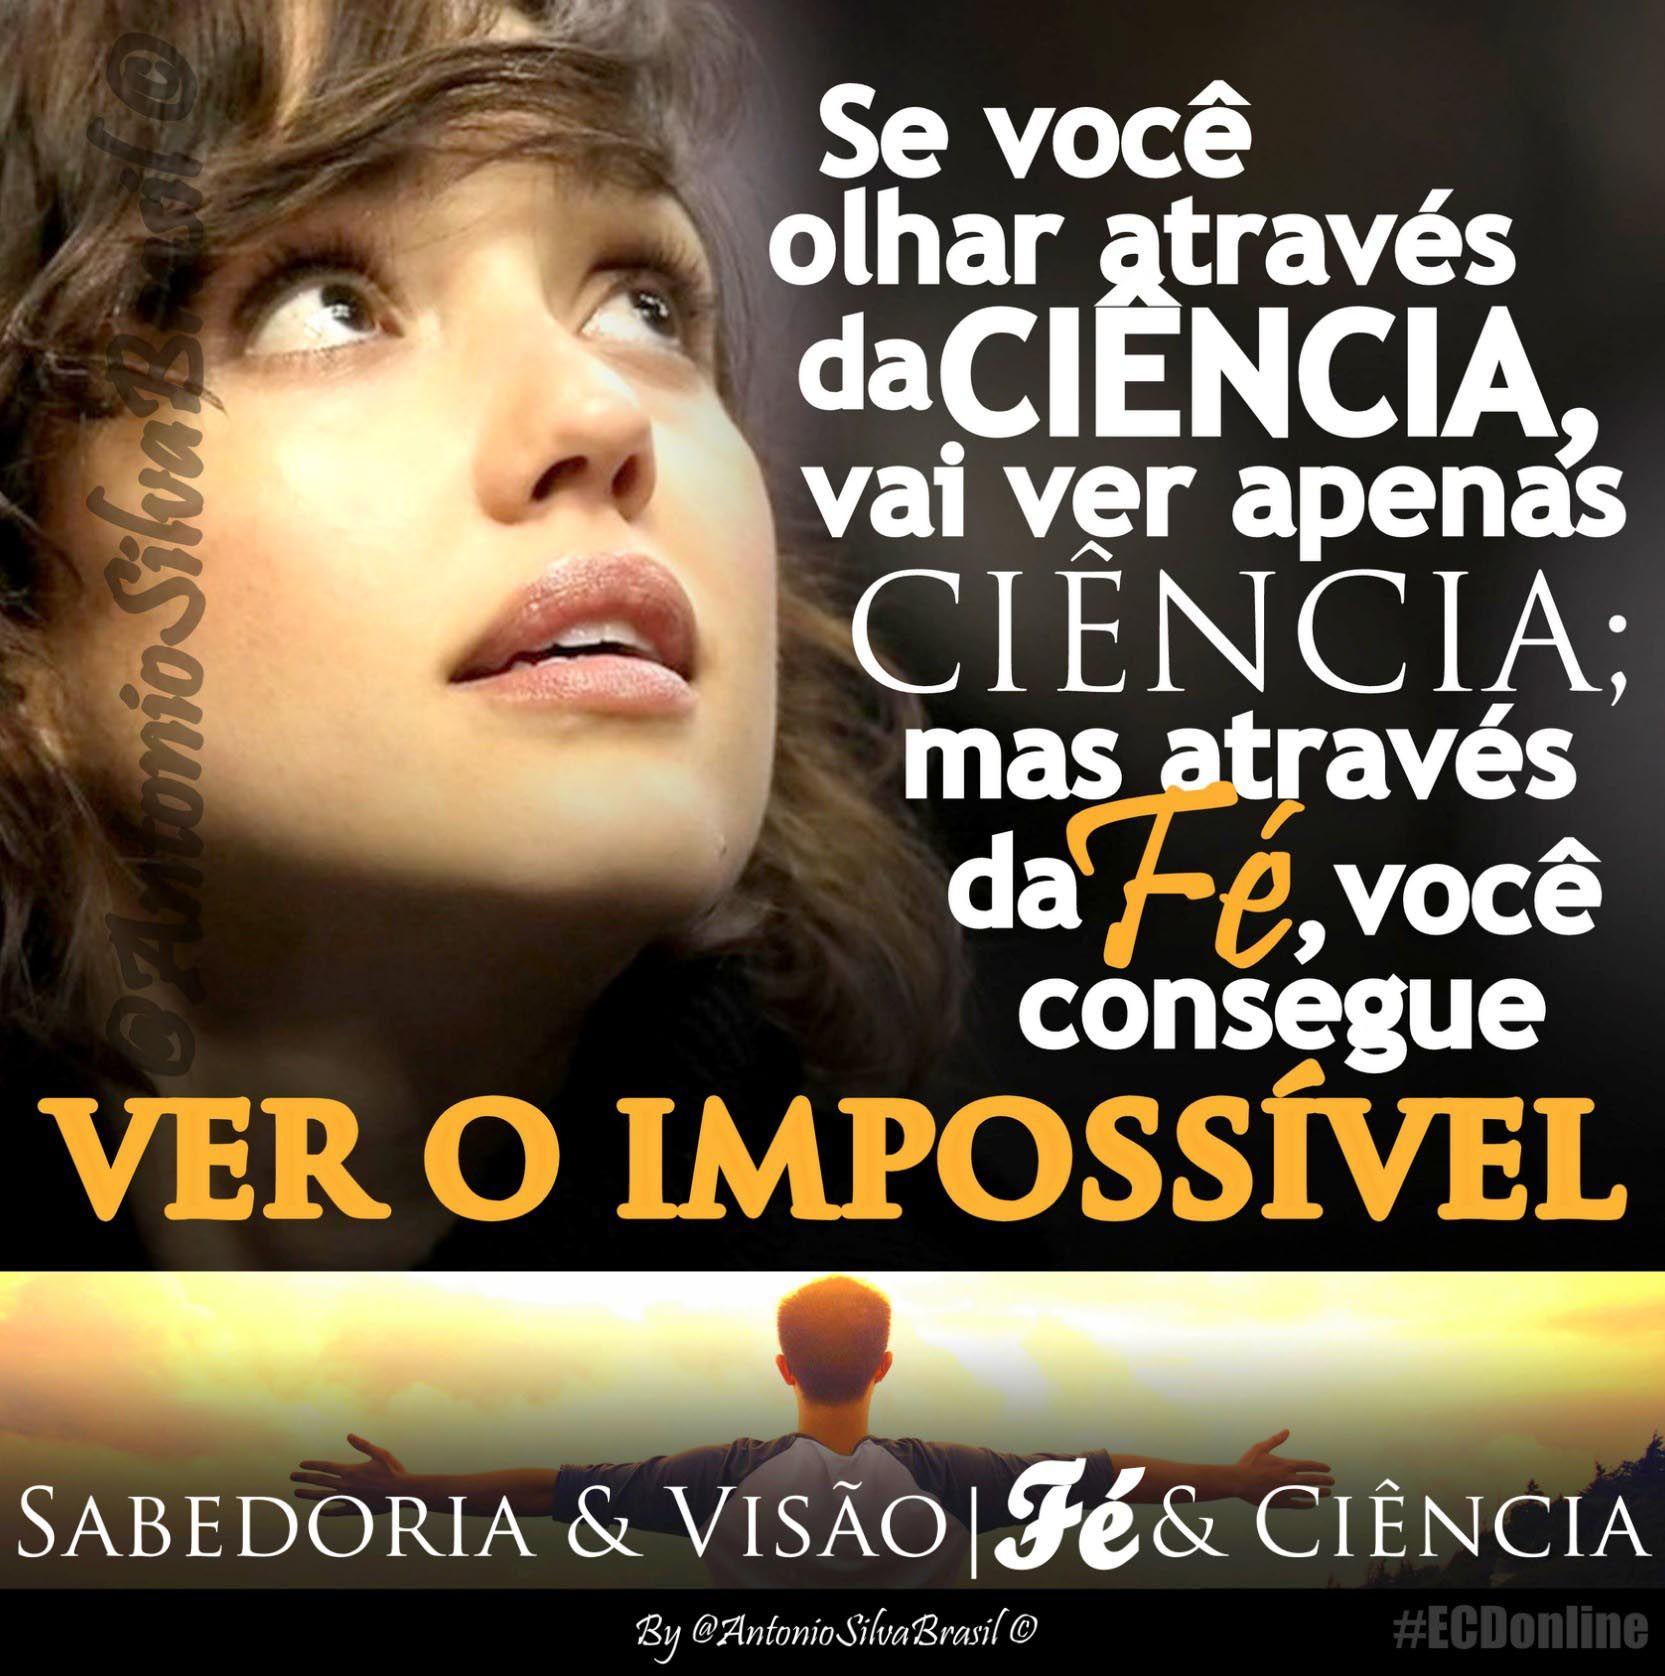 """""""Se você olhar através da CIÊNCIA, vai ver apenas ciência; mas através da FÉ, você consegue ver o IMPOSSÍVEL""""  ASSISTA a Palavra Do Dia """"Sabedoria e Visão; Fé e Ciência"""" By @AntonioSilvaBra em: http://facebook.com/AntonioSilvaBrasilOficial/videos/815371445199039/ #ecdonline"""